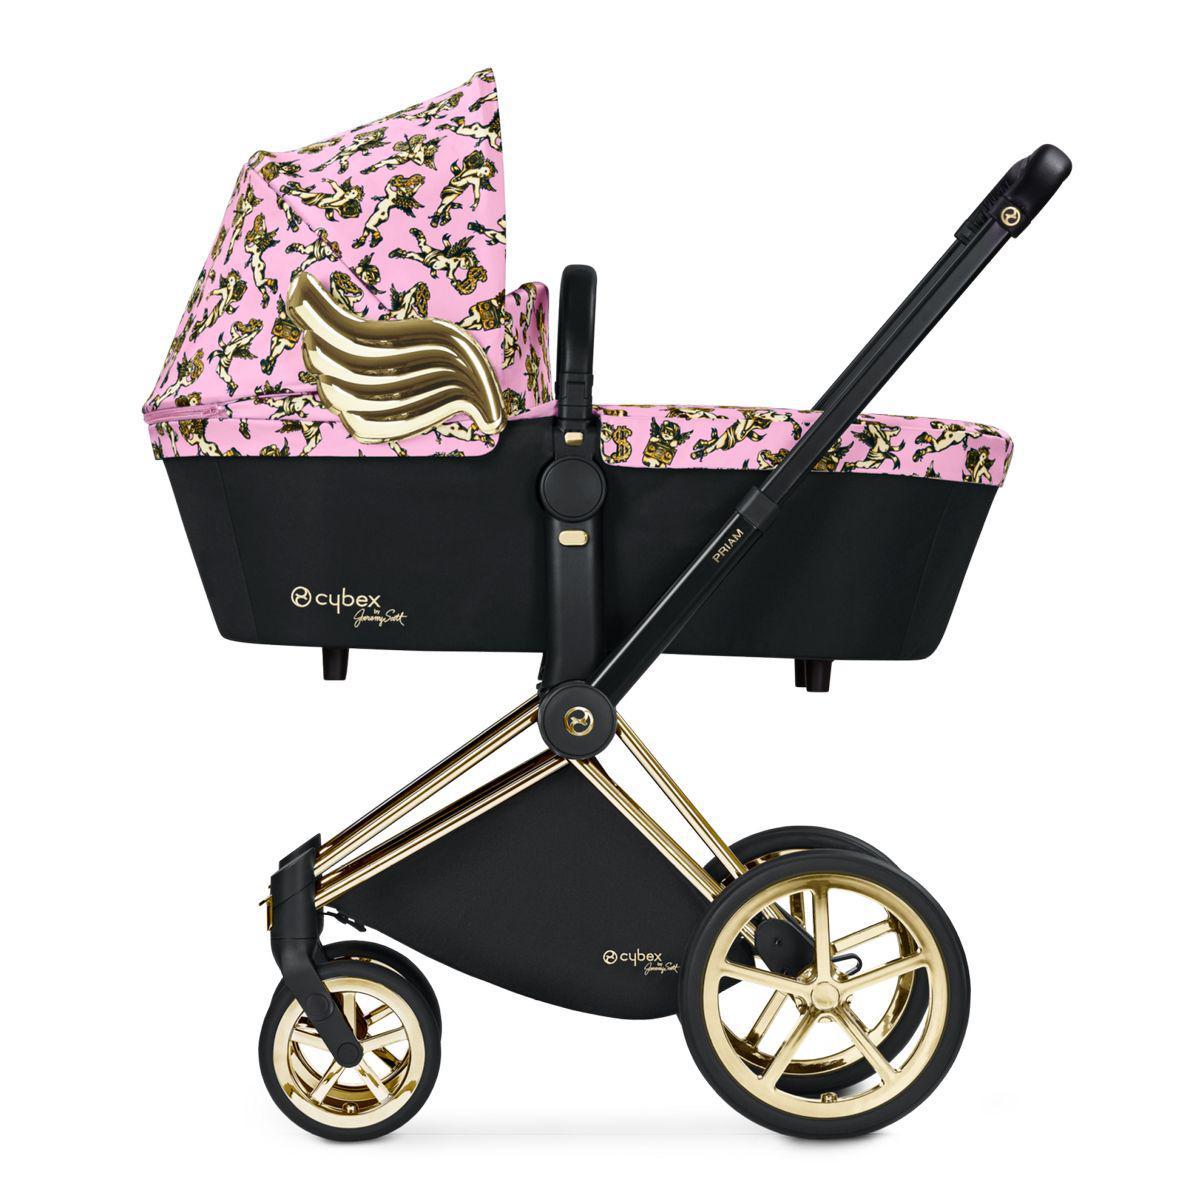 Nacelle de luxe PRIAM Cybex cherub pink-pink